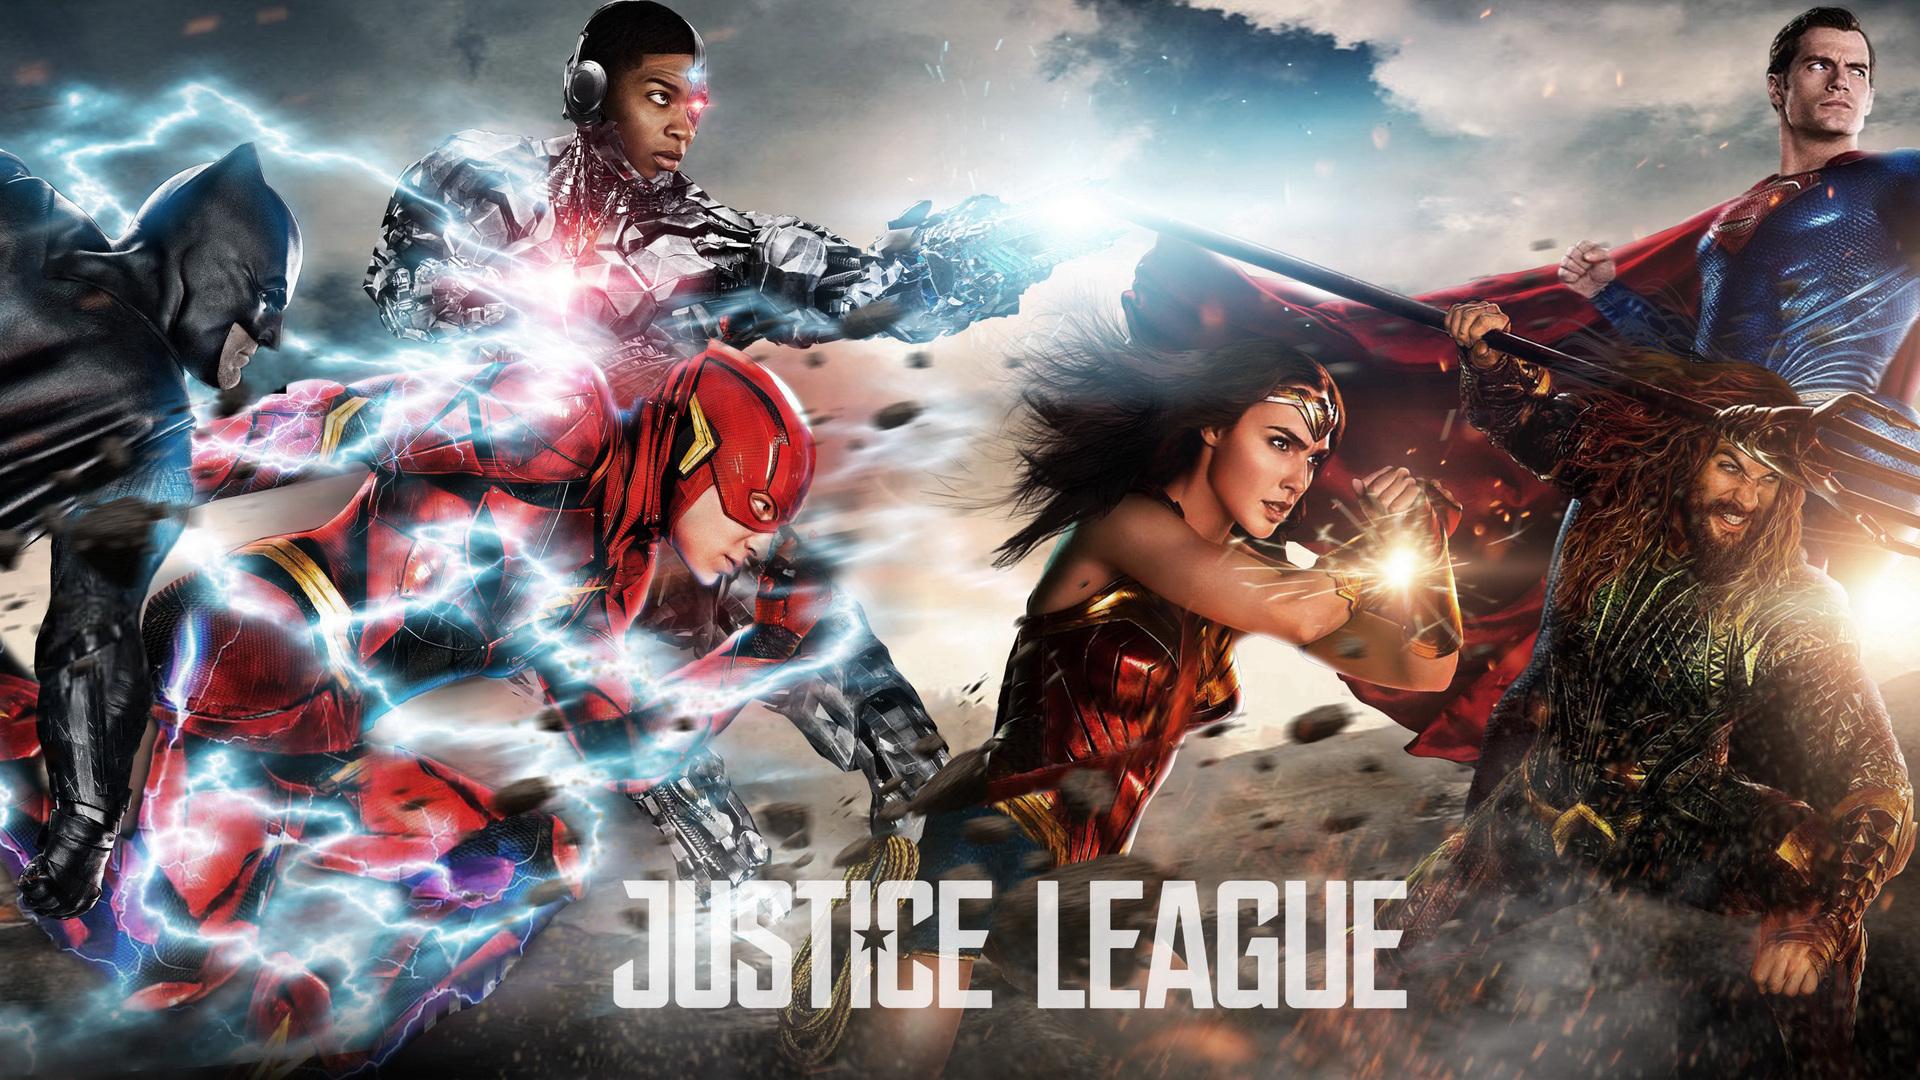 Justice League 2017 Fan Art 9e